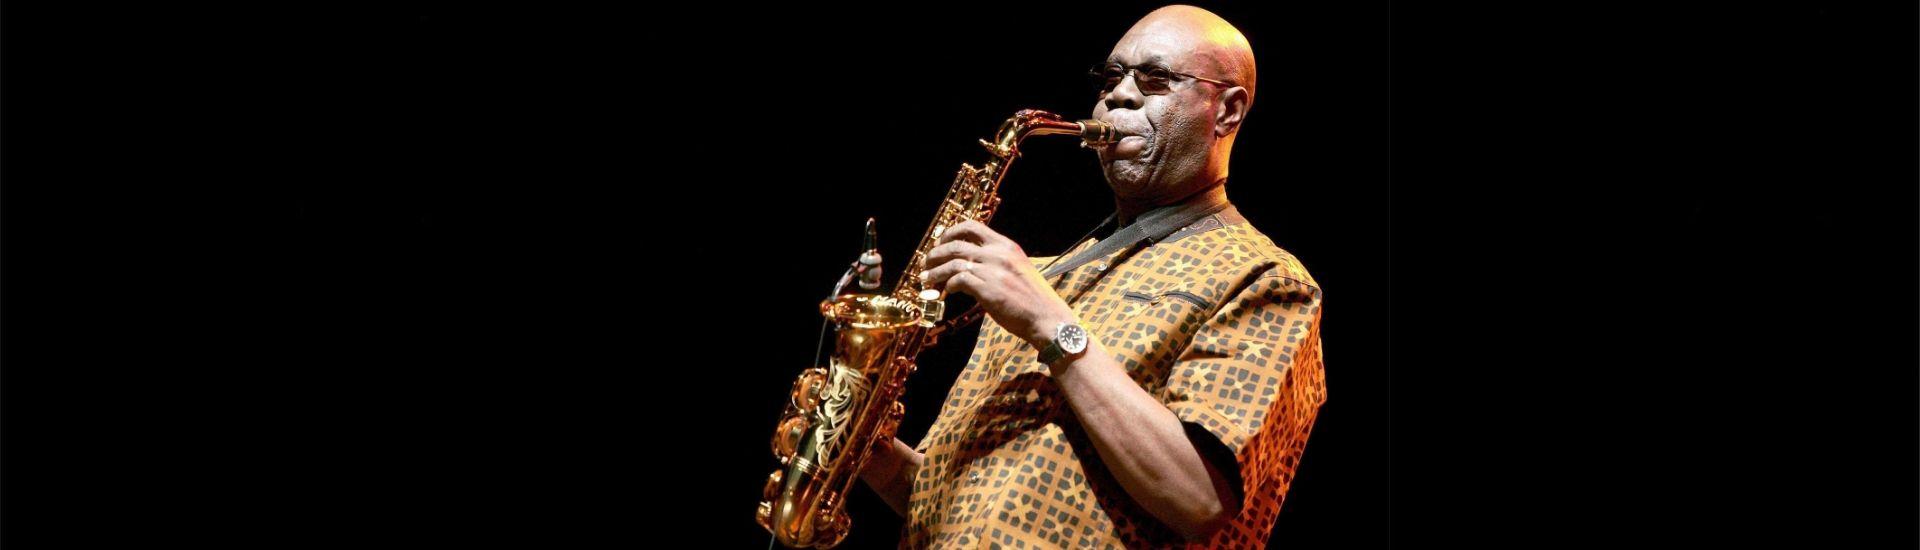 Manu Dibango Jazz Cameroon